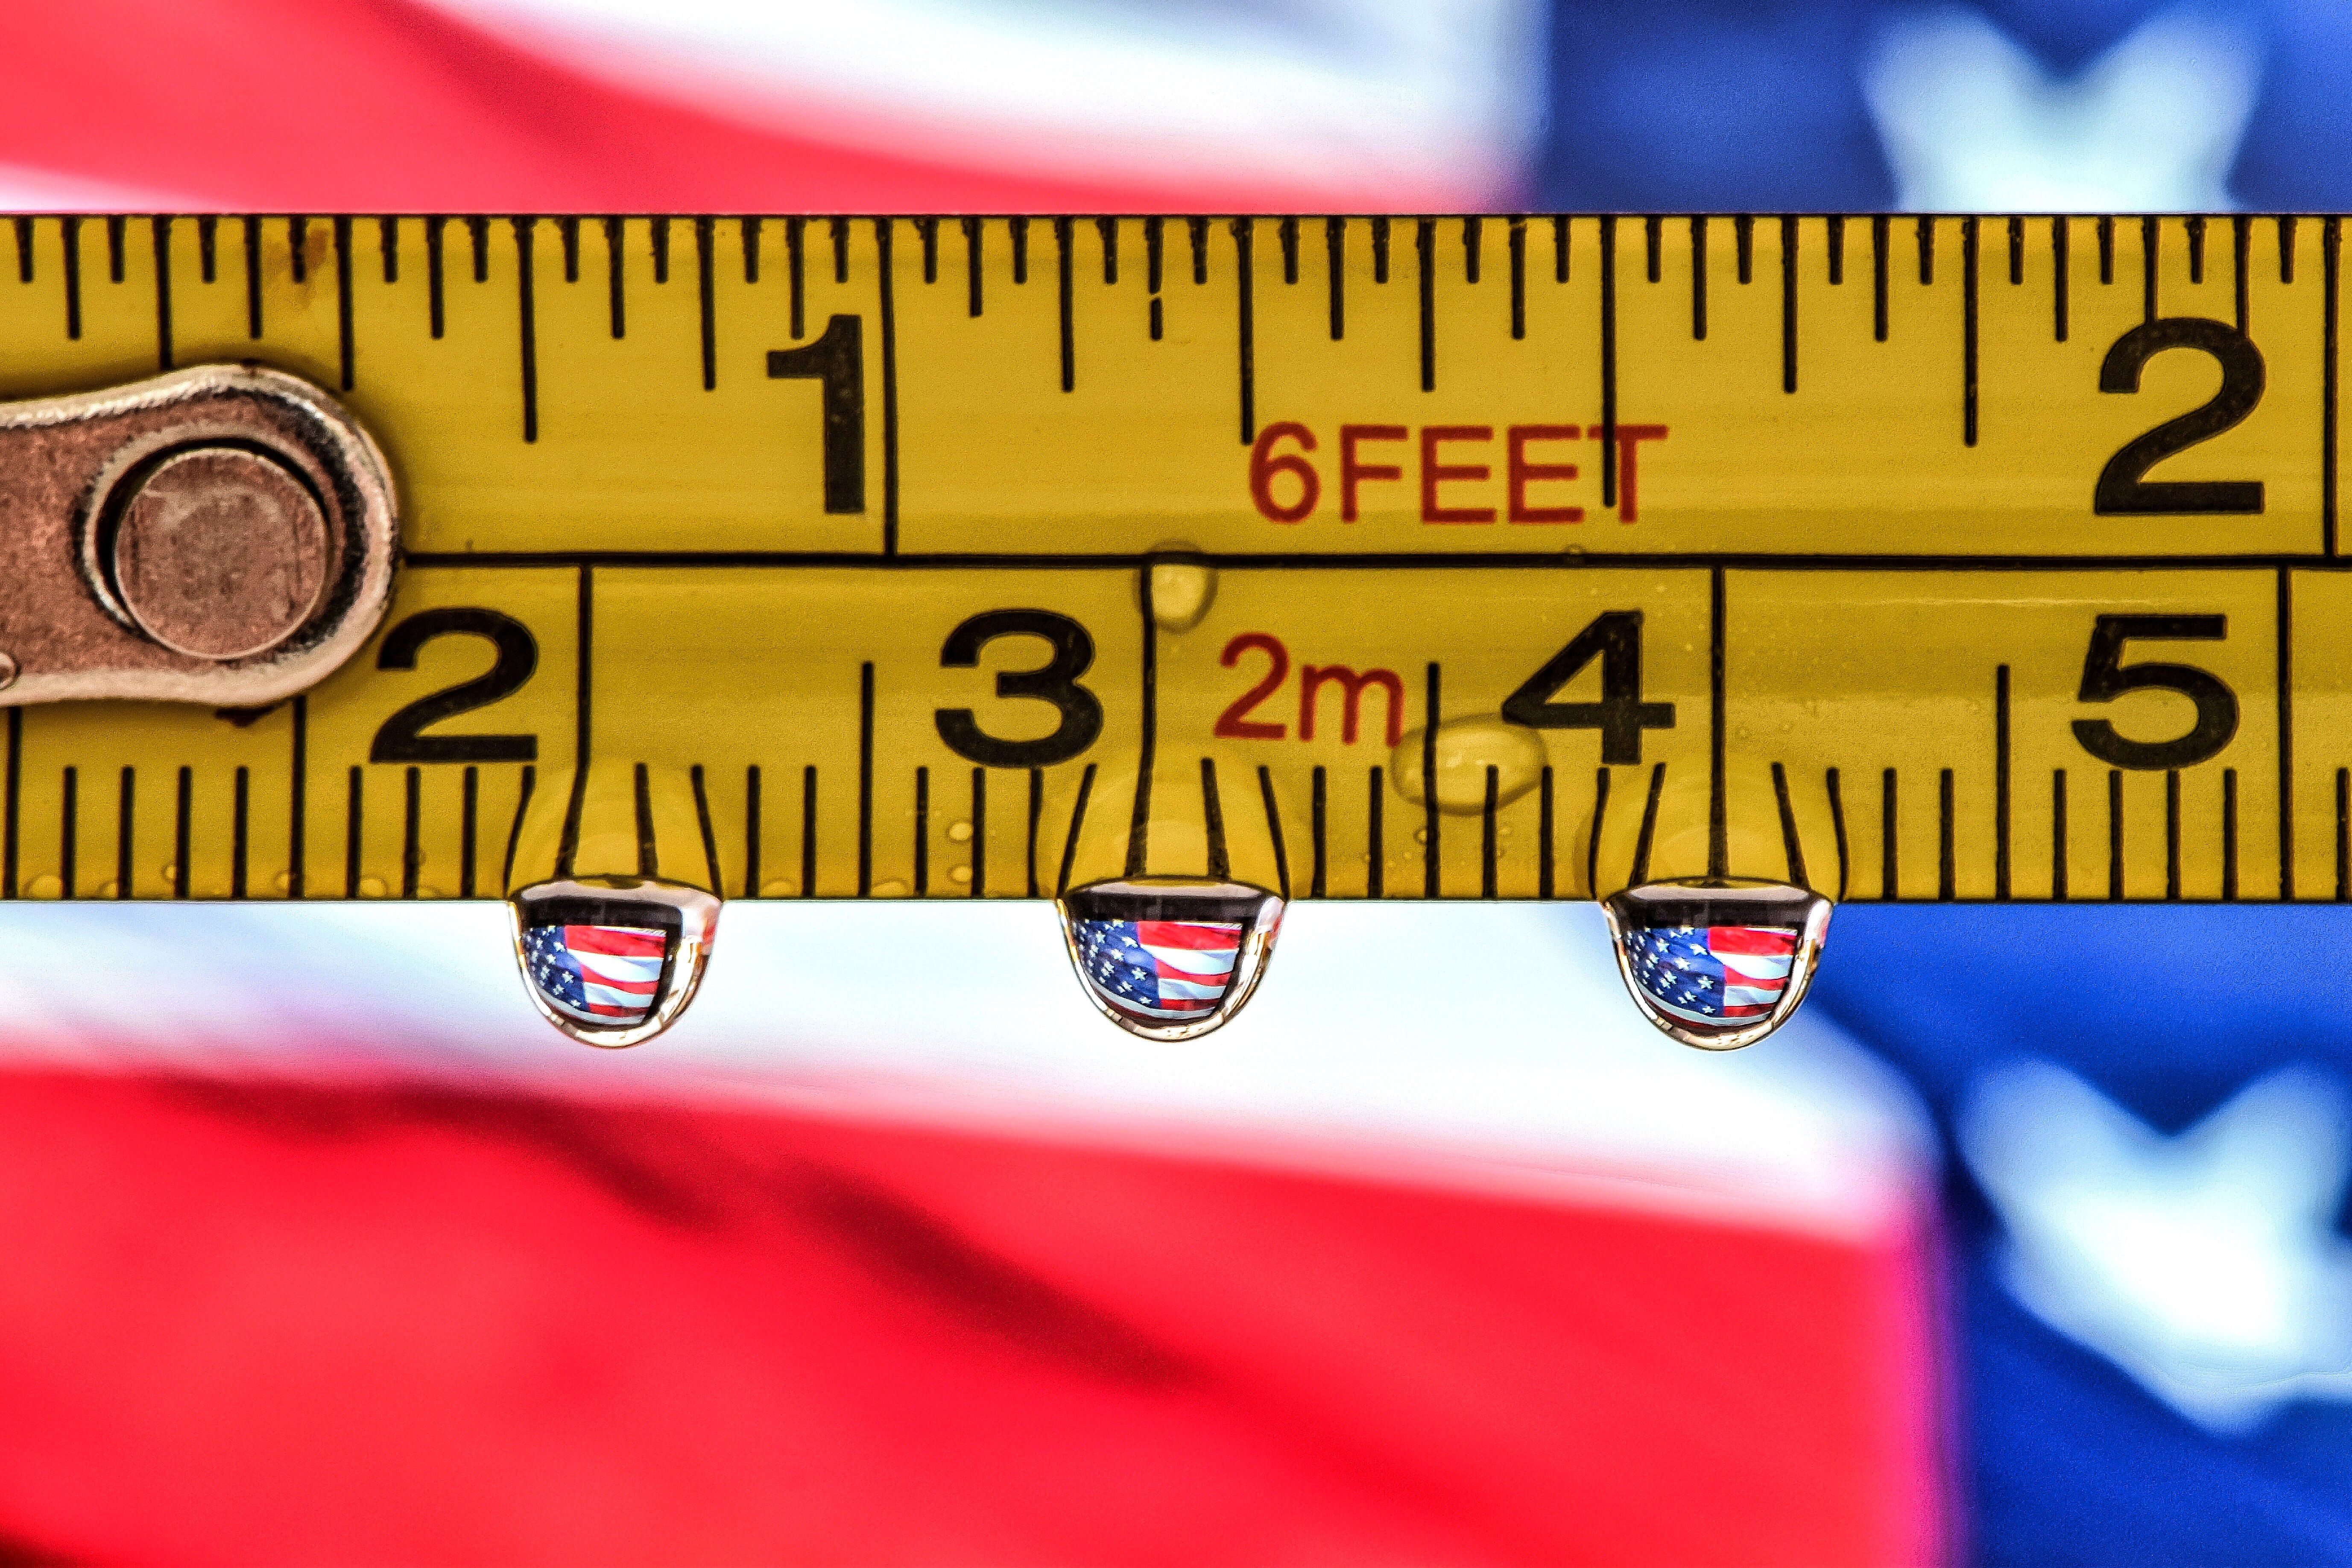 立方フィート立方メートルの変換